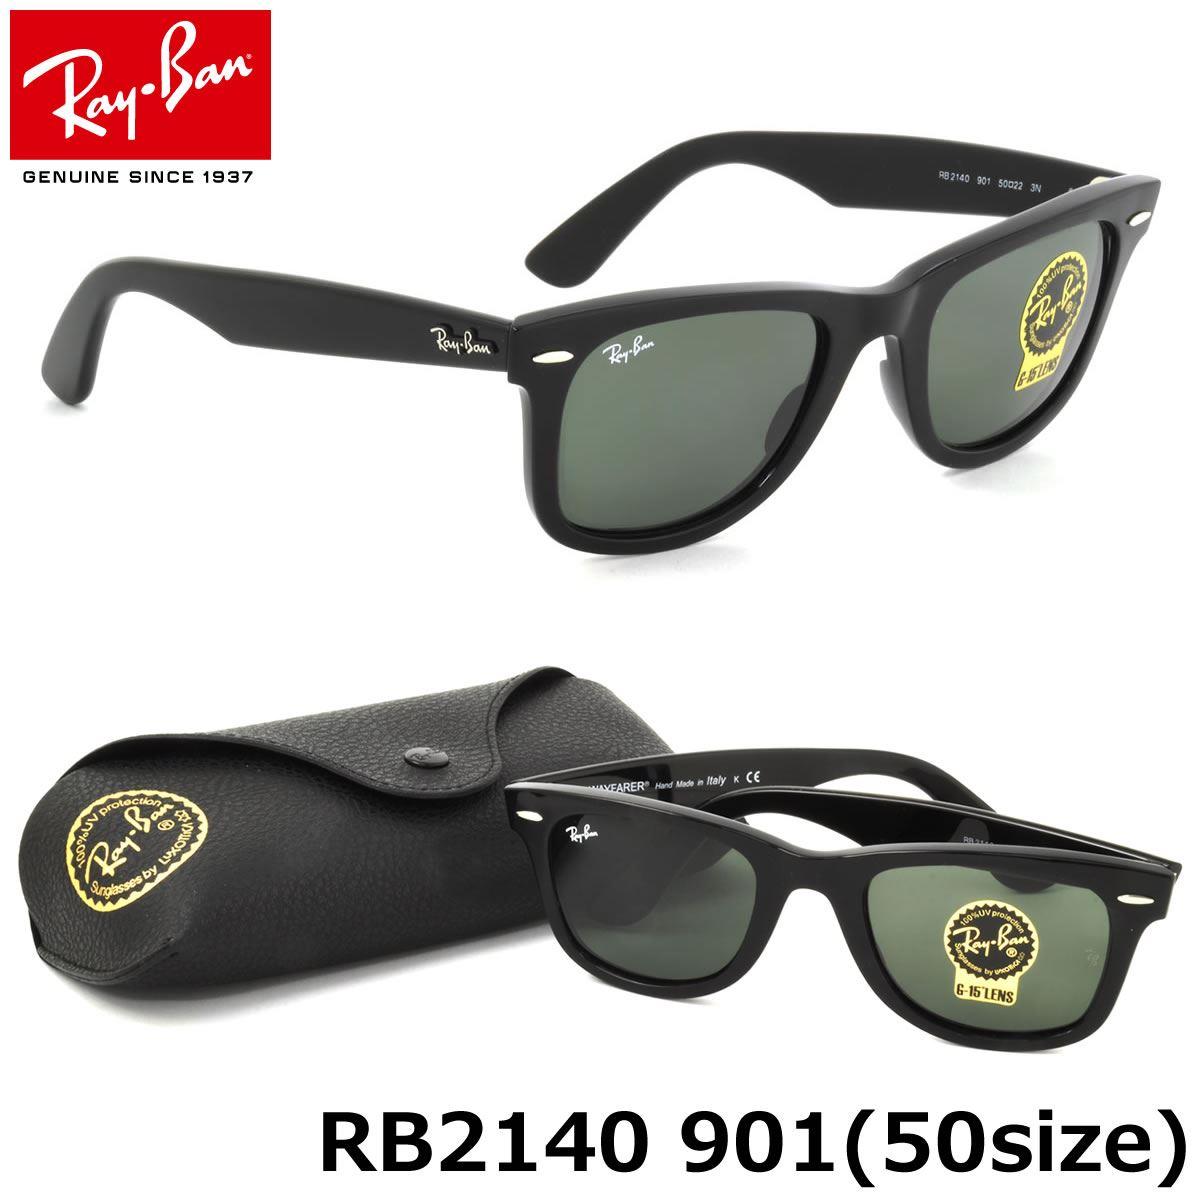 702bb47fa4 ... sale lentes de sol ray ban wayfarer rb2140 901 black g15 50mm juntoz  9a58c 65cb7